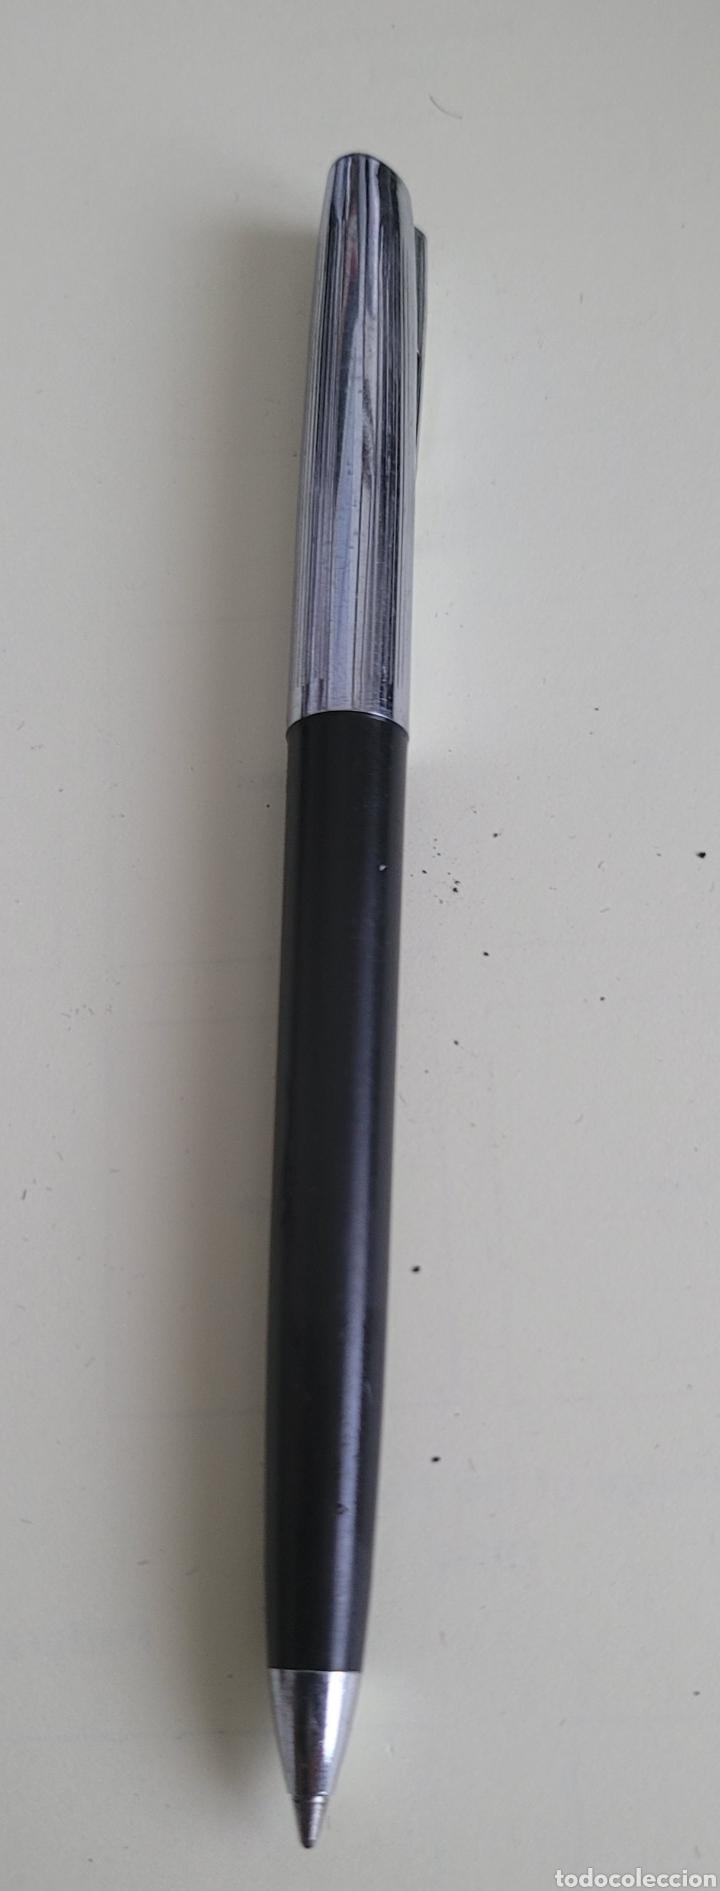 BOLIGRAFO SHEAFFER USA (Plumas Estilográficas, Bolígrafos y Plumillas - Bolígrafos)